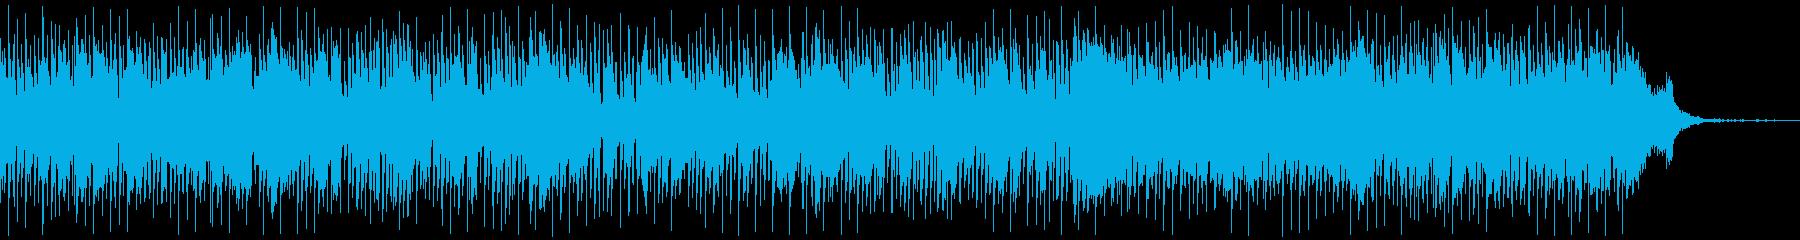 おしゃれでムーディーなジャズの再生済みの波形